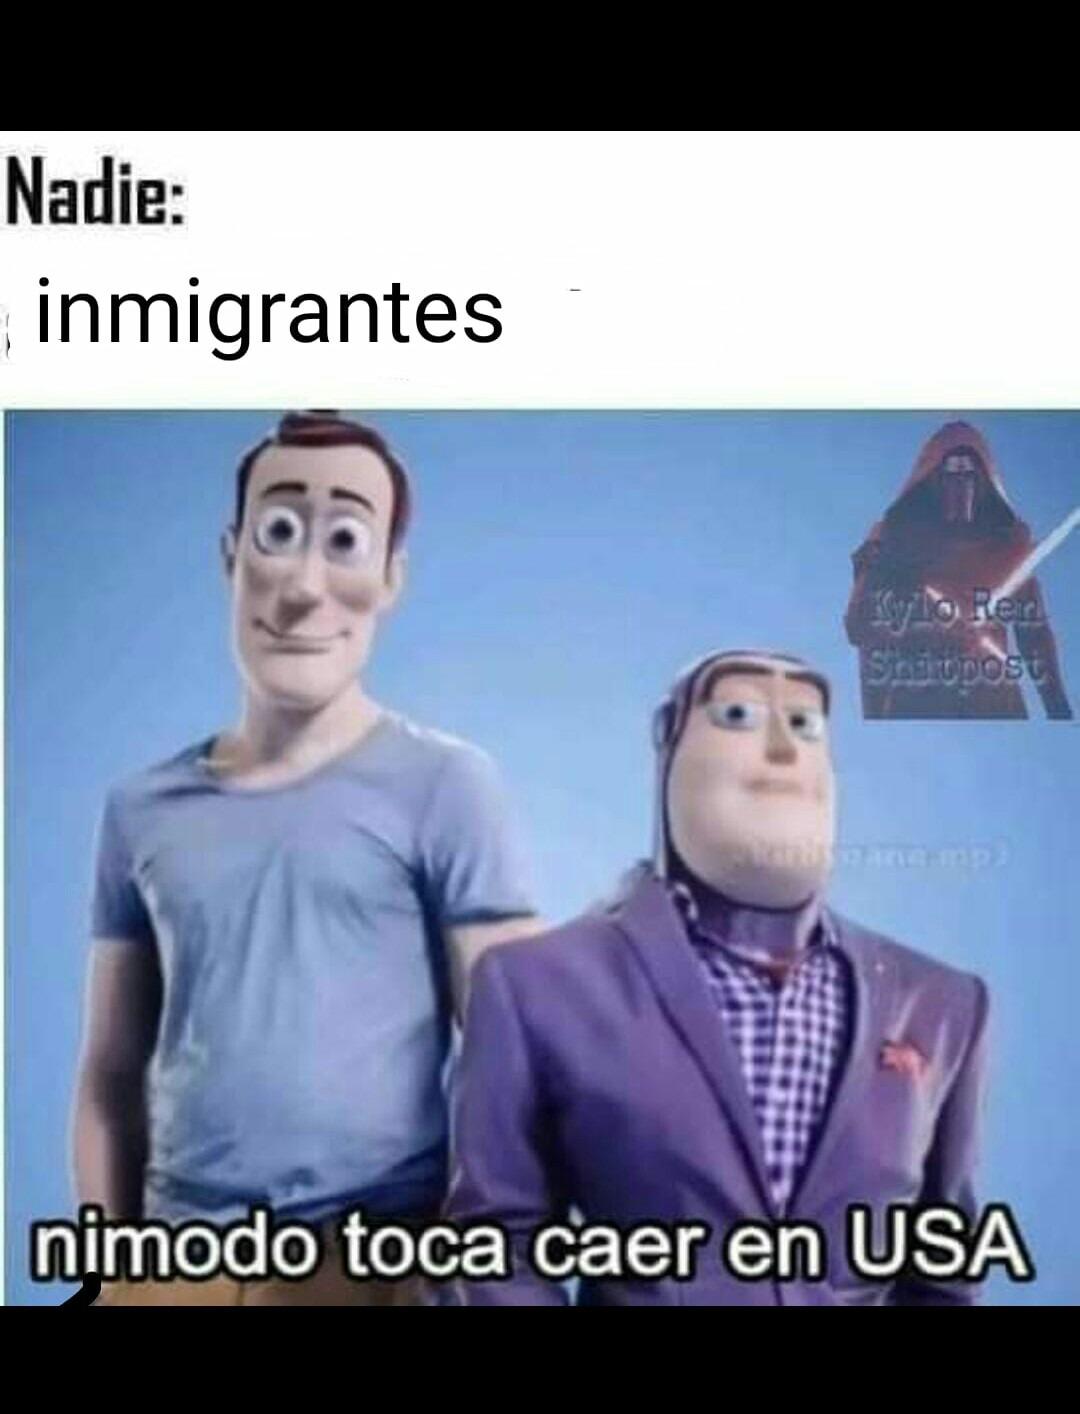 Solamente le añadí inmigrantes pero la original decía alienígenas - meme